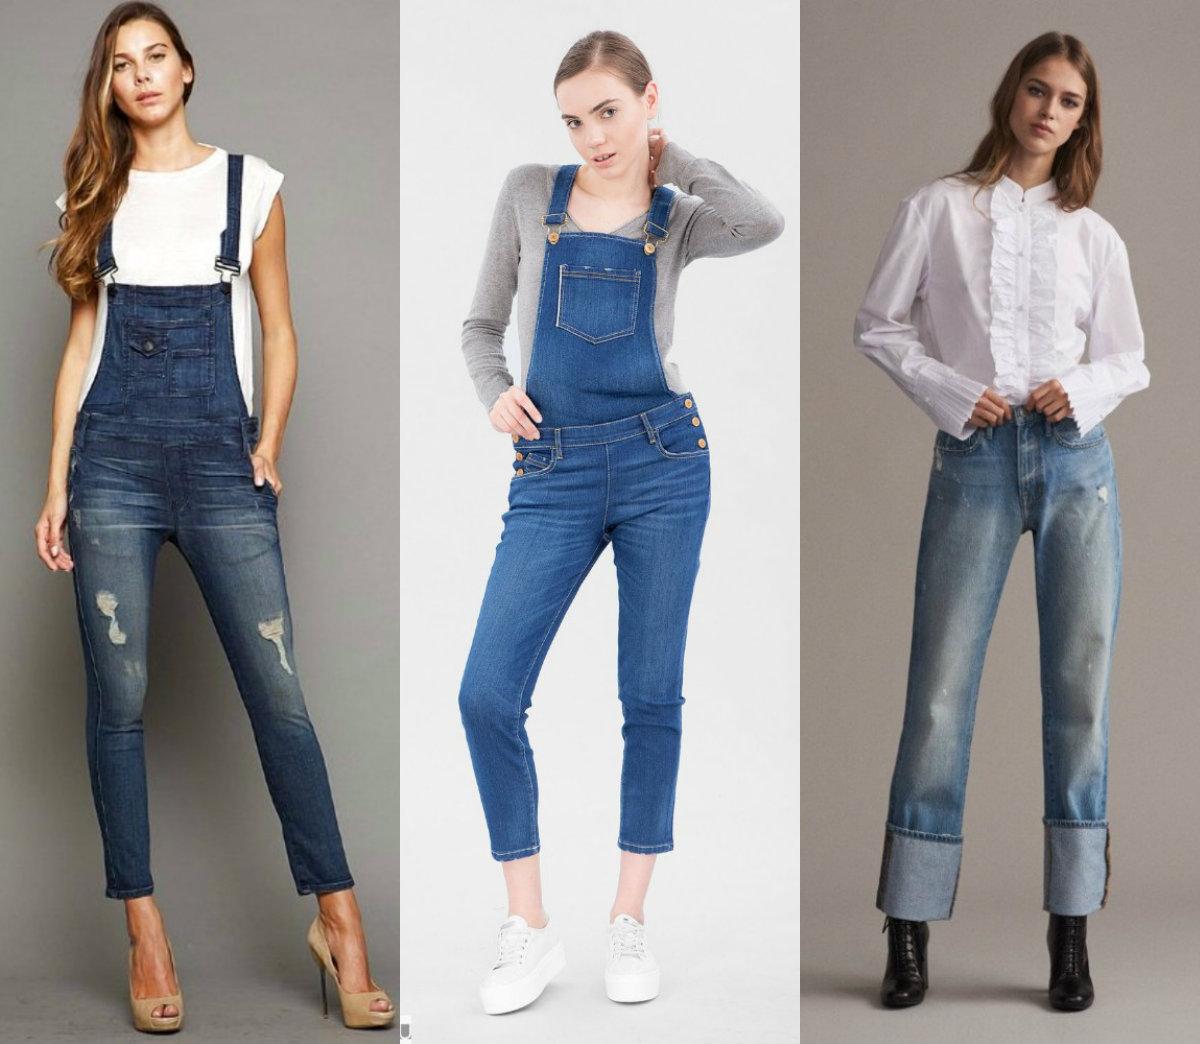 брюки женские 2019: комбинезоны